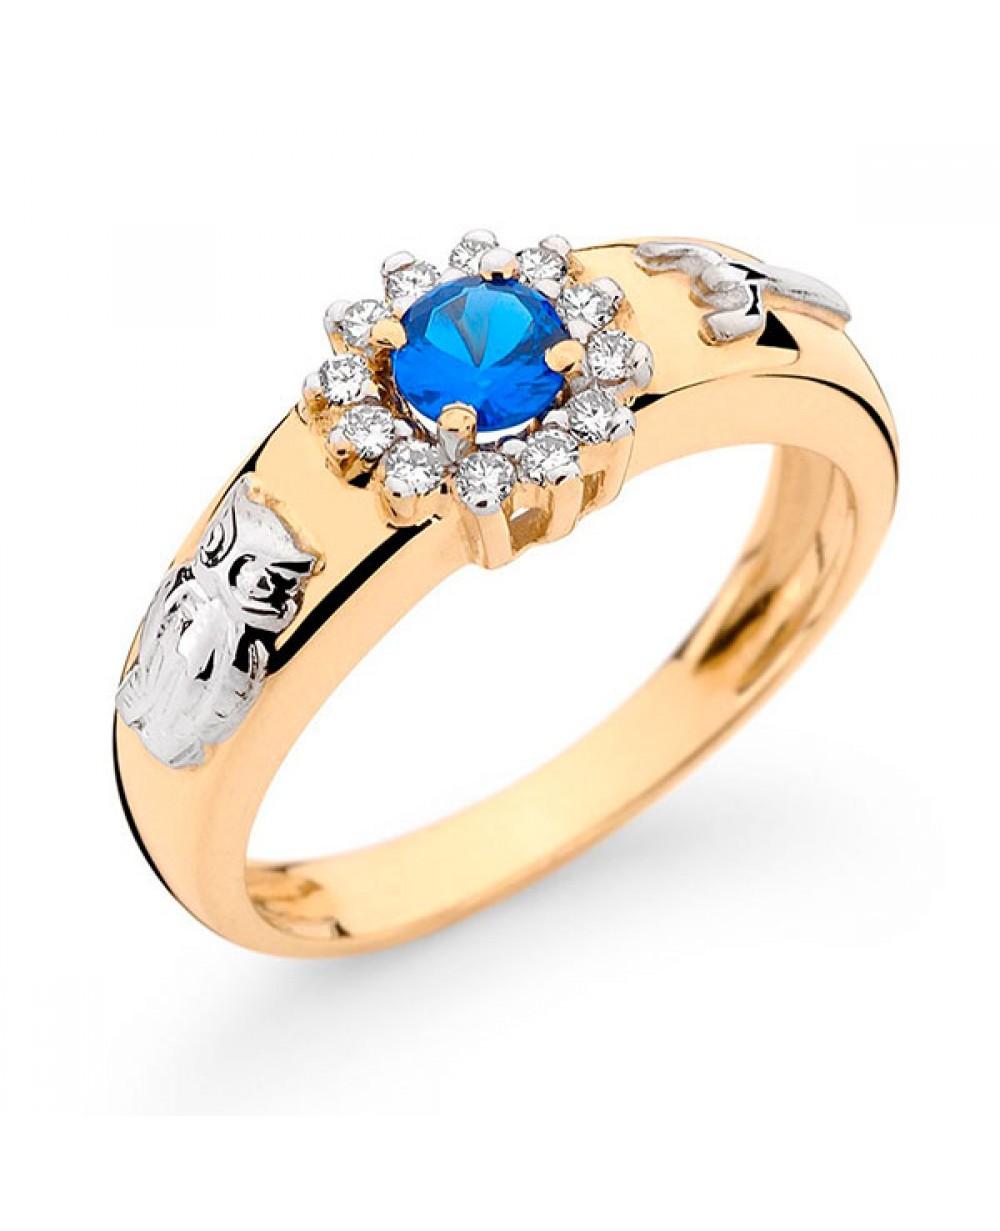 15464a0015e Mais Imagens. Anel Formatura em Ouro 18K com Pedra Natural Safira e  Diamantes lapidação brilhante